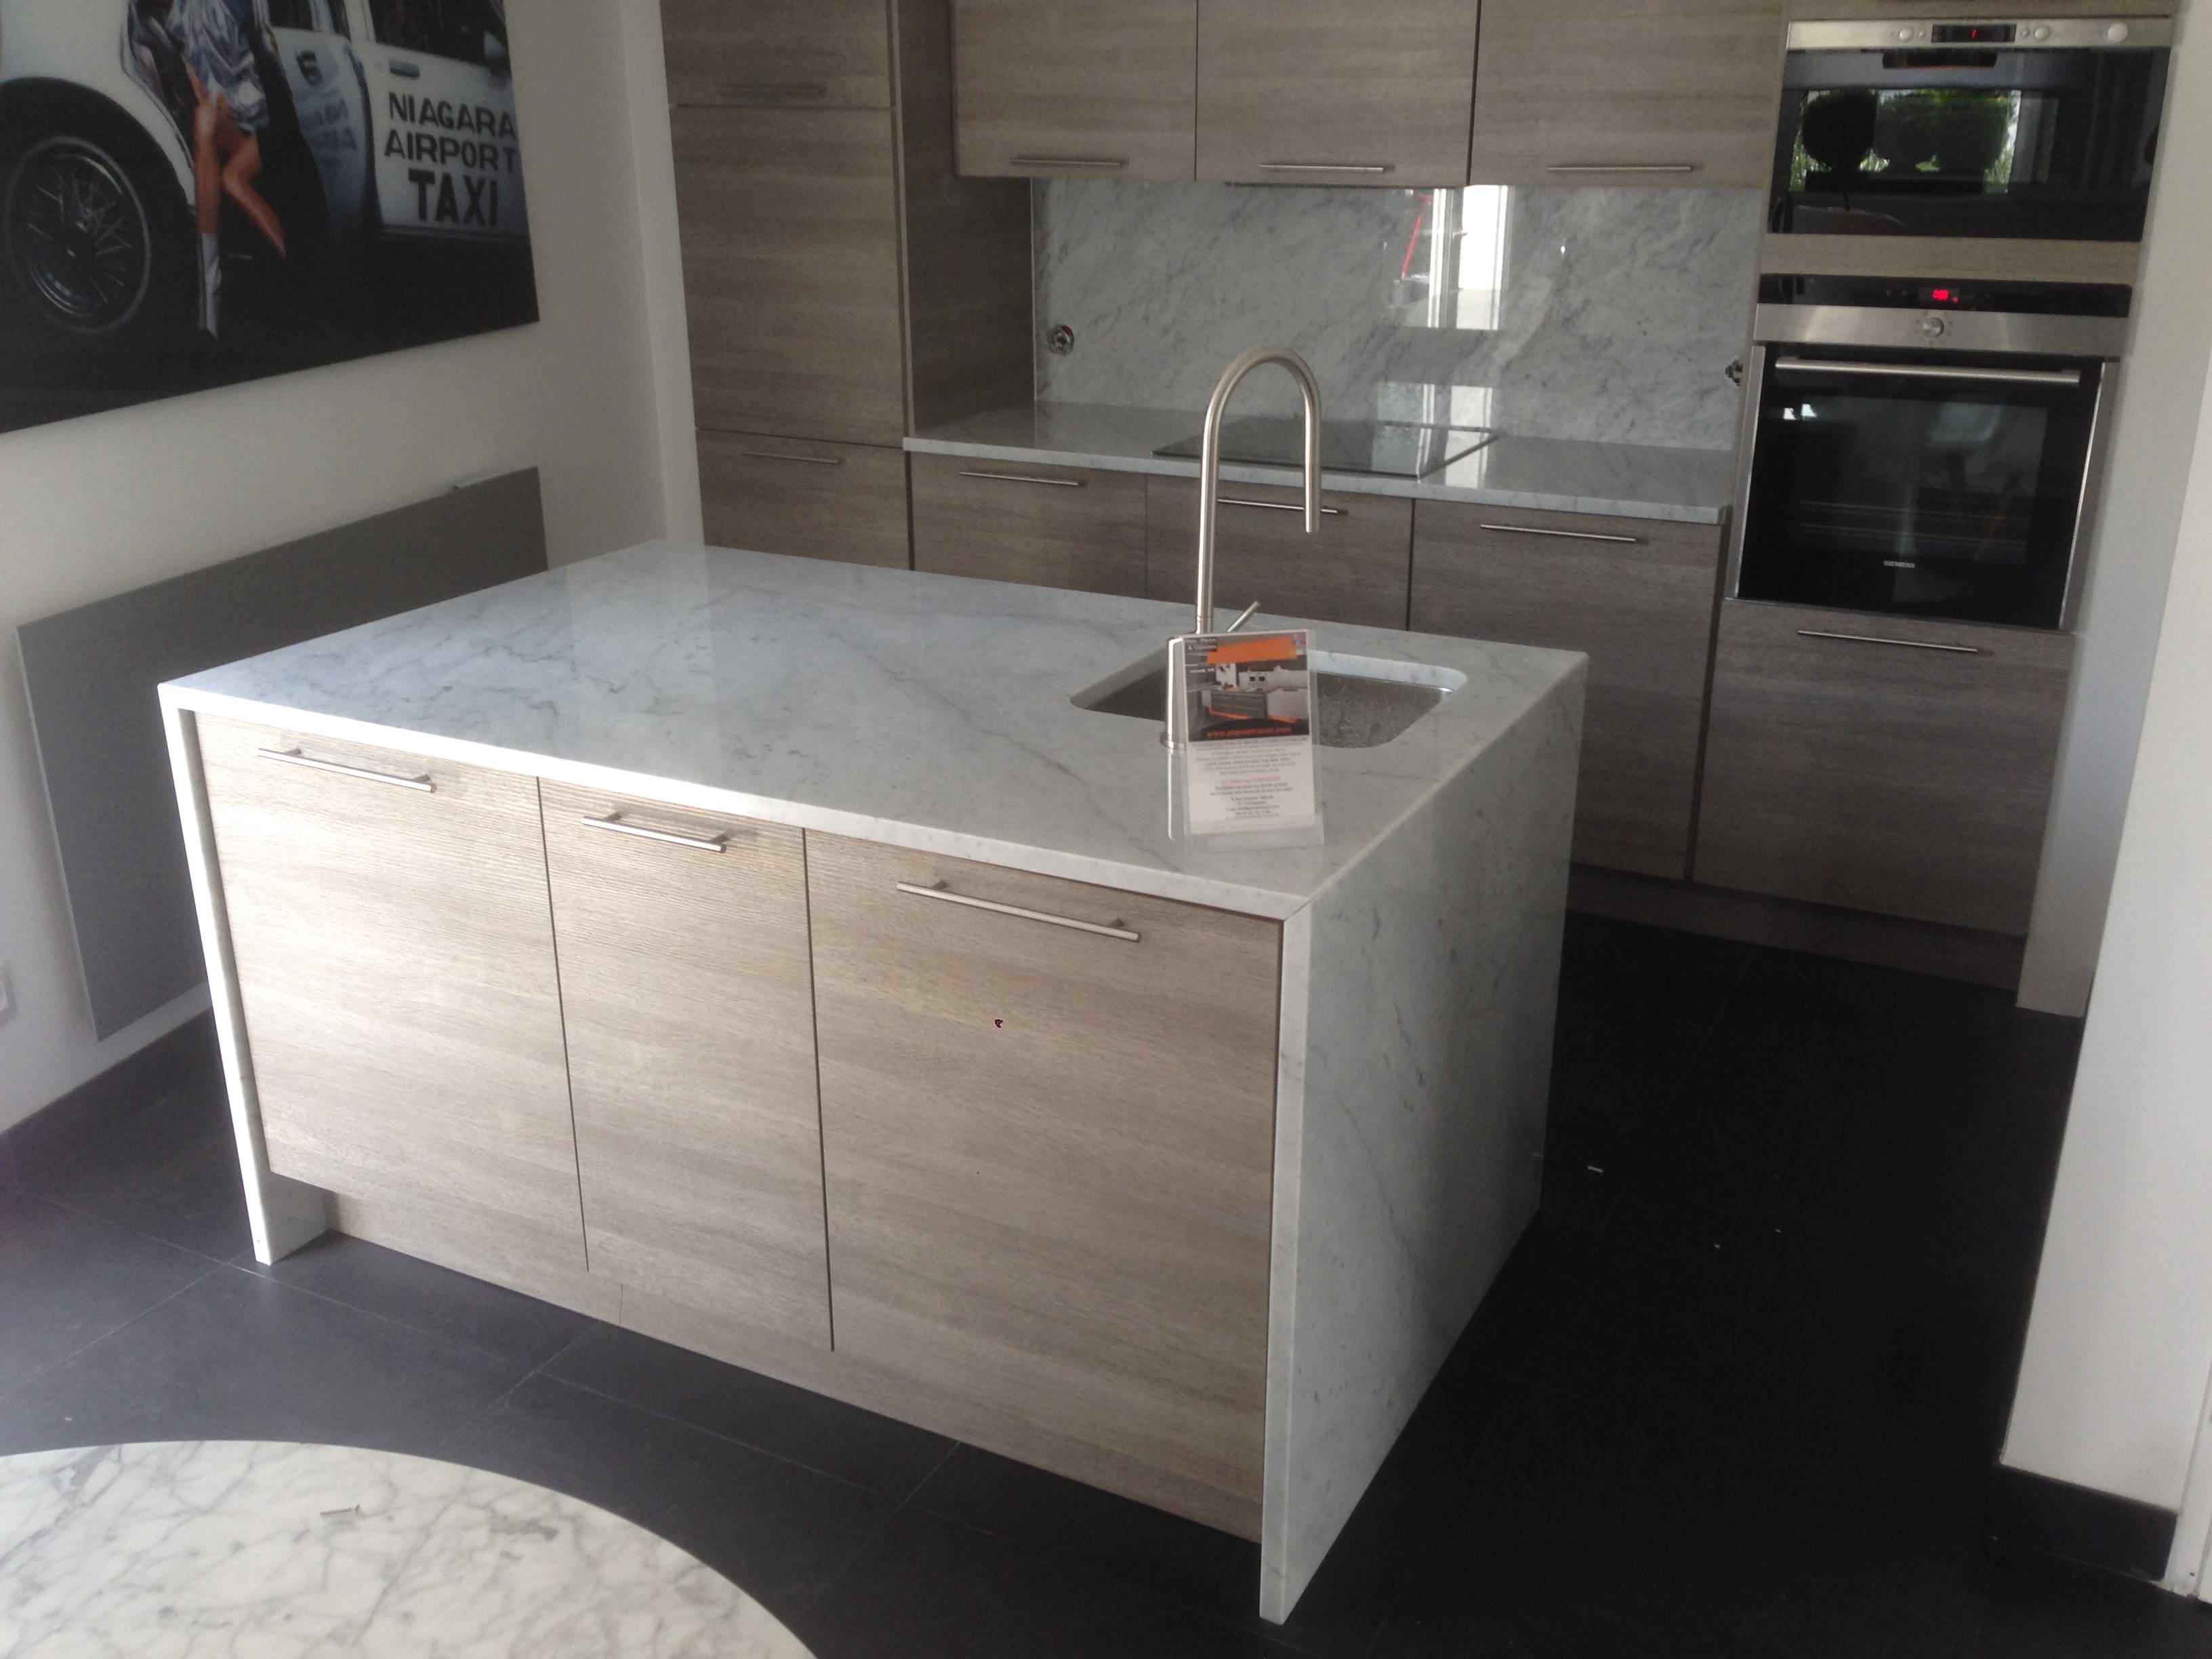 Devis plan de travail com paris granit quartz marbre ilot cuisine marbre carrare - Plan de travail ilot central sur mesure ...